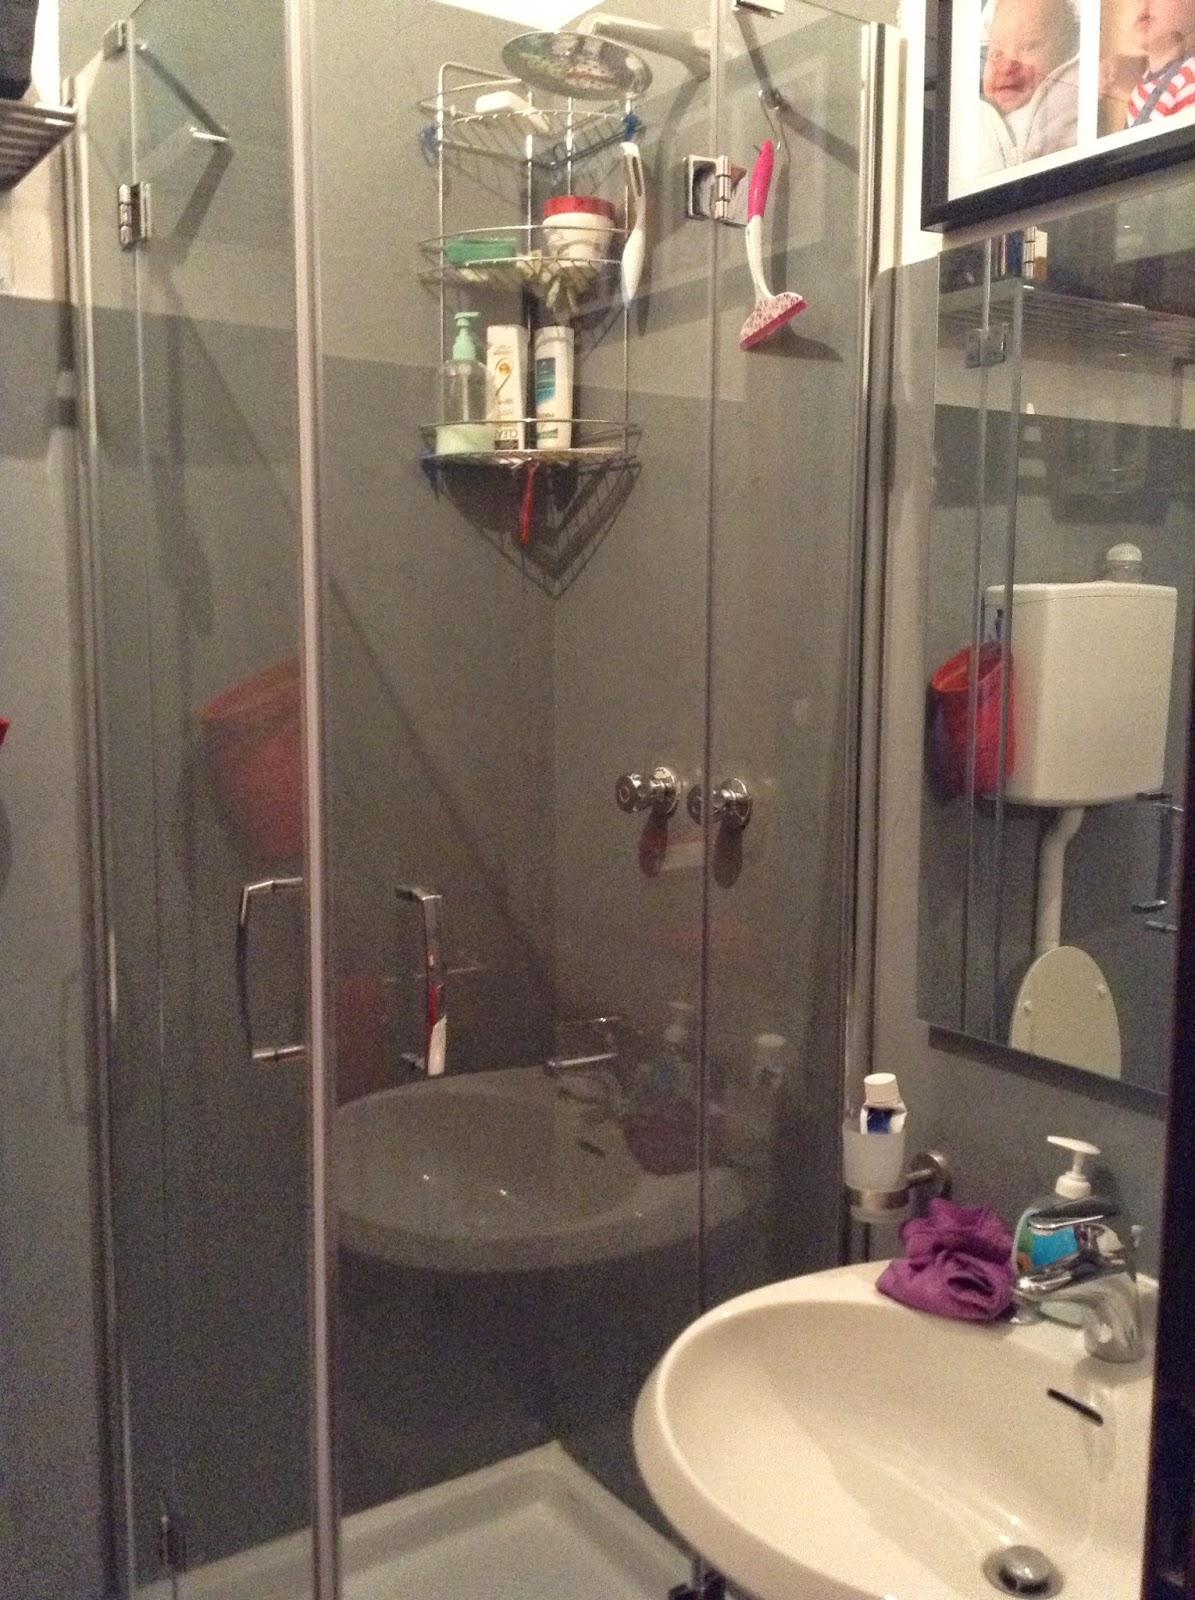 Coprire le piastrelle del bagno - Togliere piastrelle bagno ...